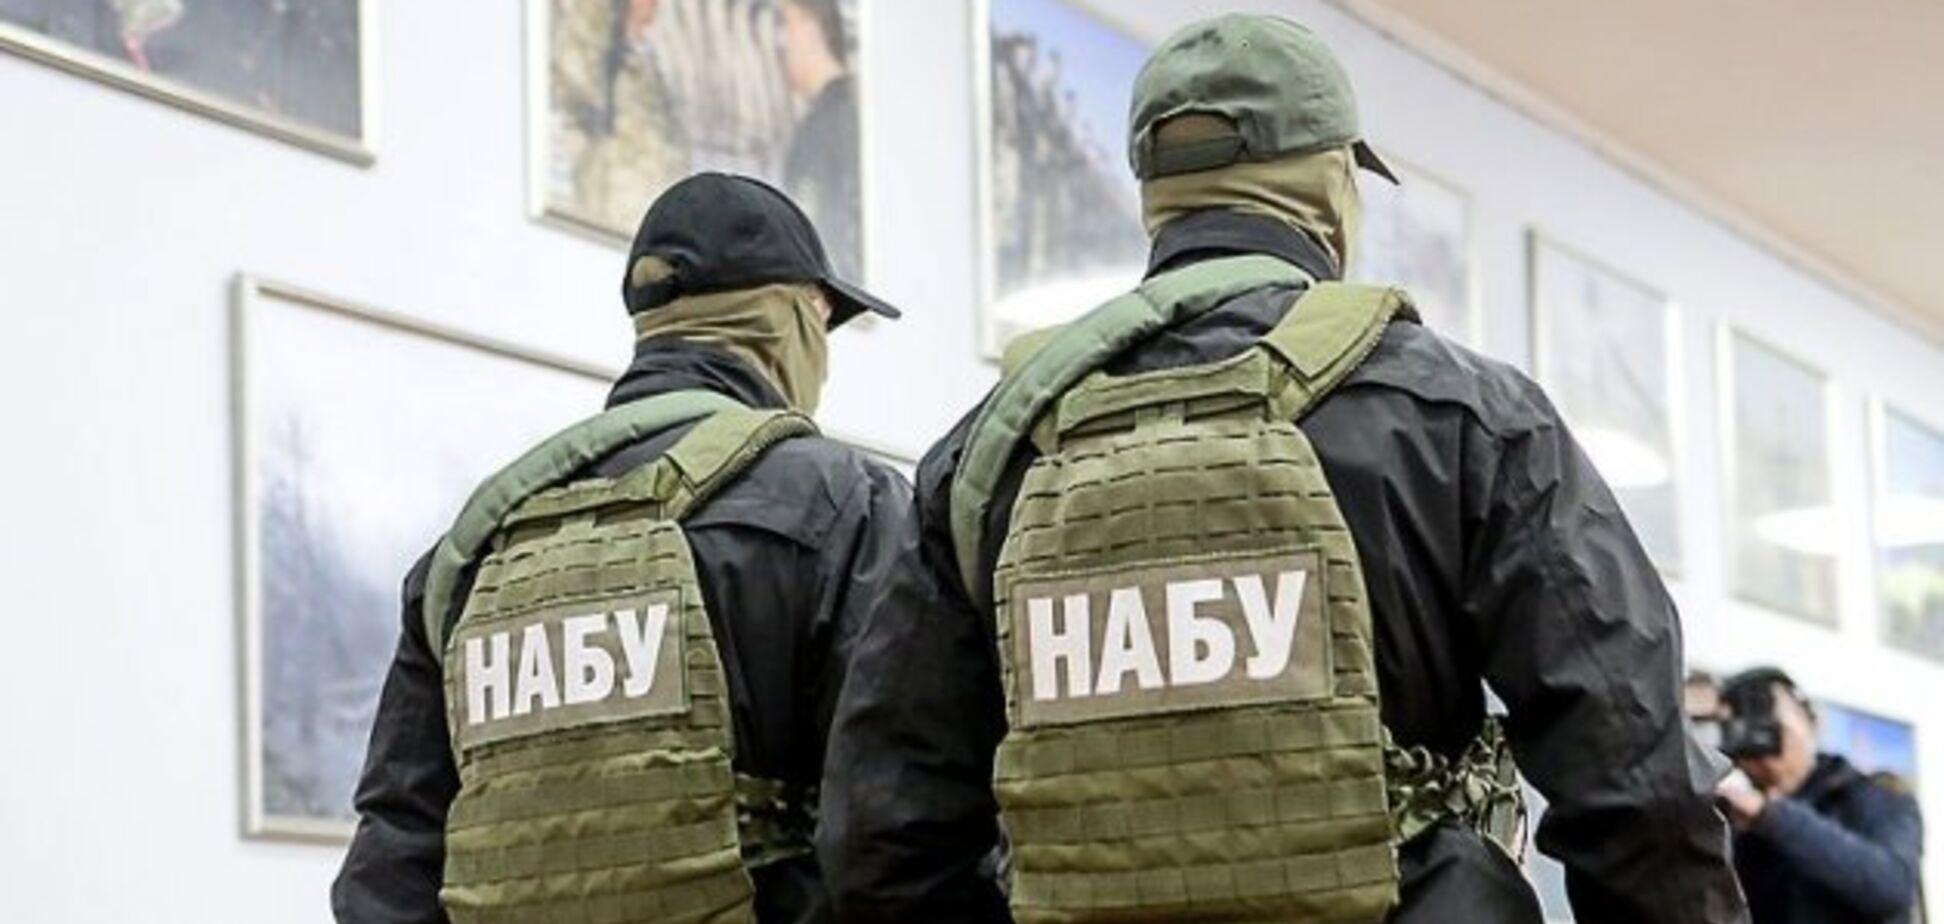 Обыск у Омеляна и планы на Севостьянову: НАБУ заподозрили в заказных расследованиях